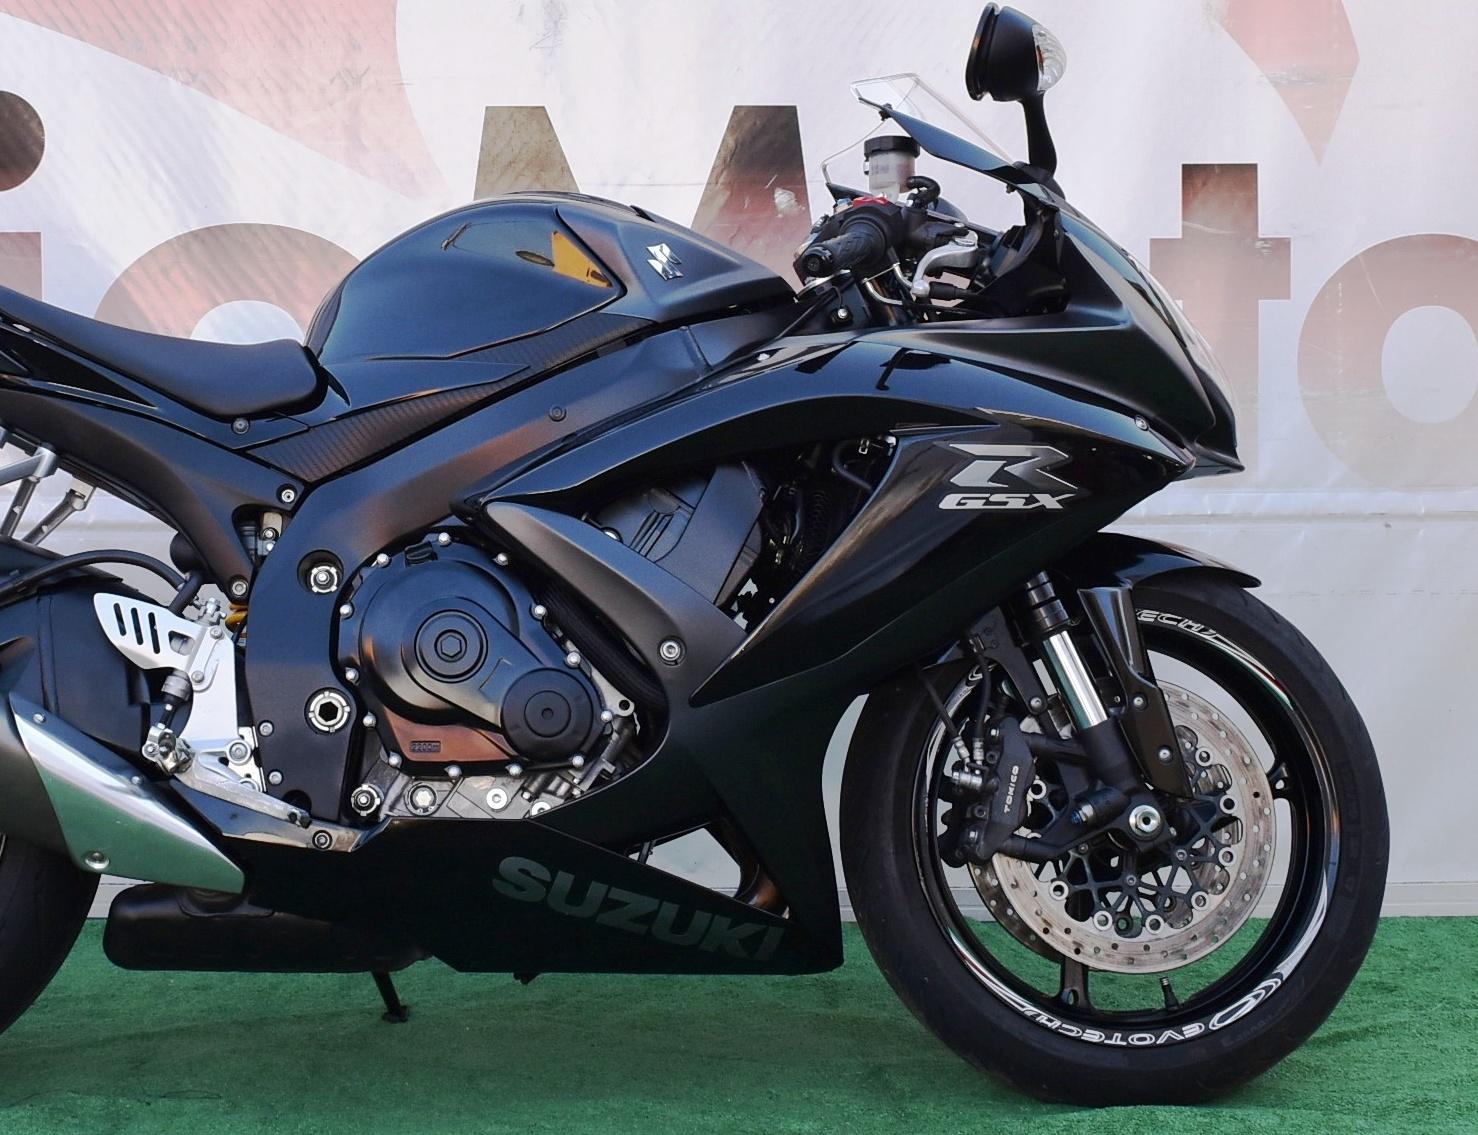 SUZUKI GSX R 750 – 2008